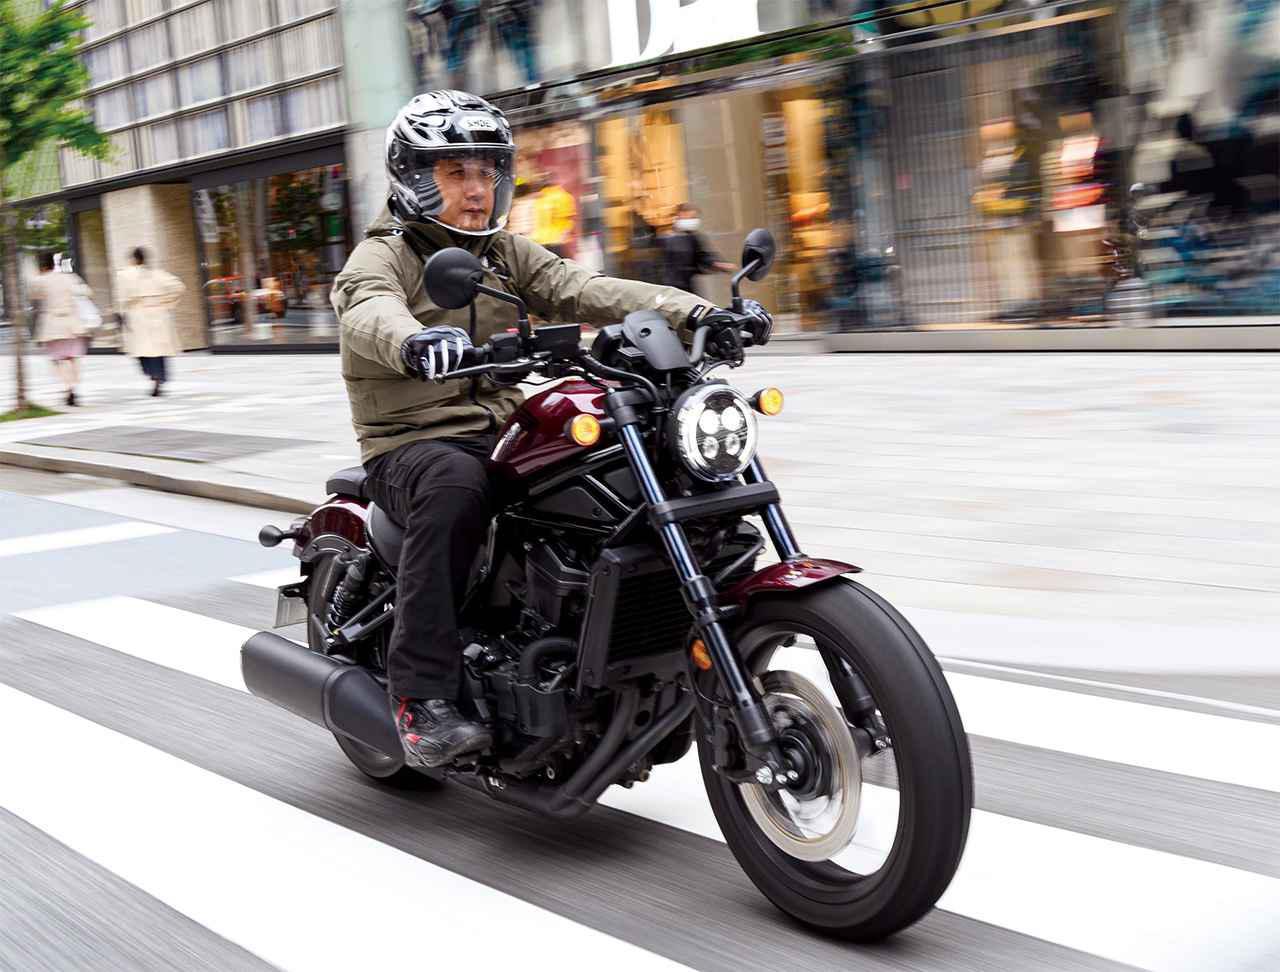 画像: 【ロングラン研究所】ホンダ「レブル1100 DCT」(2021年) - webオートバイ